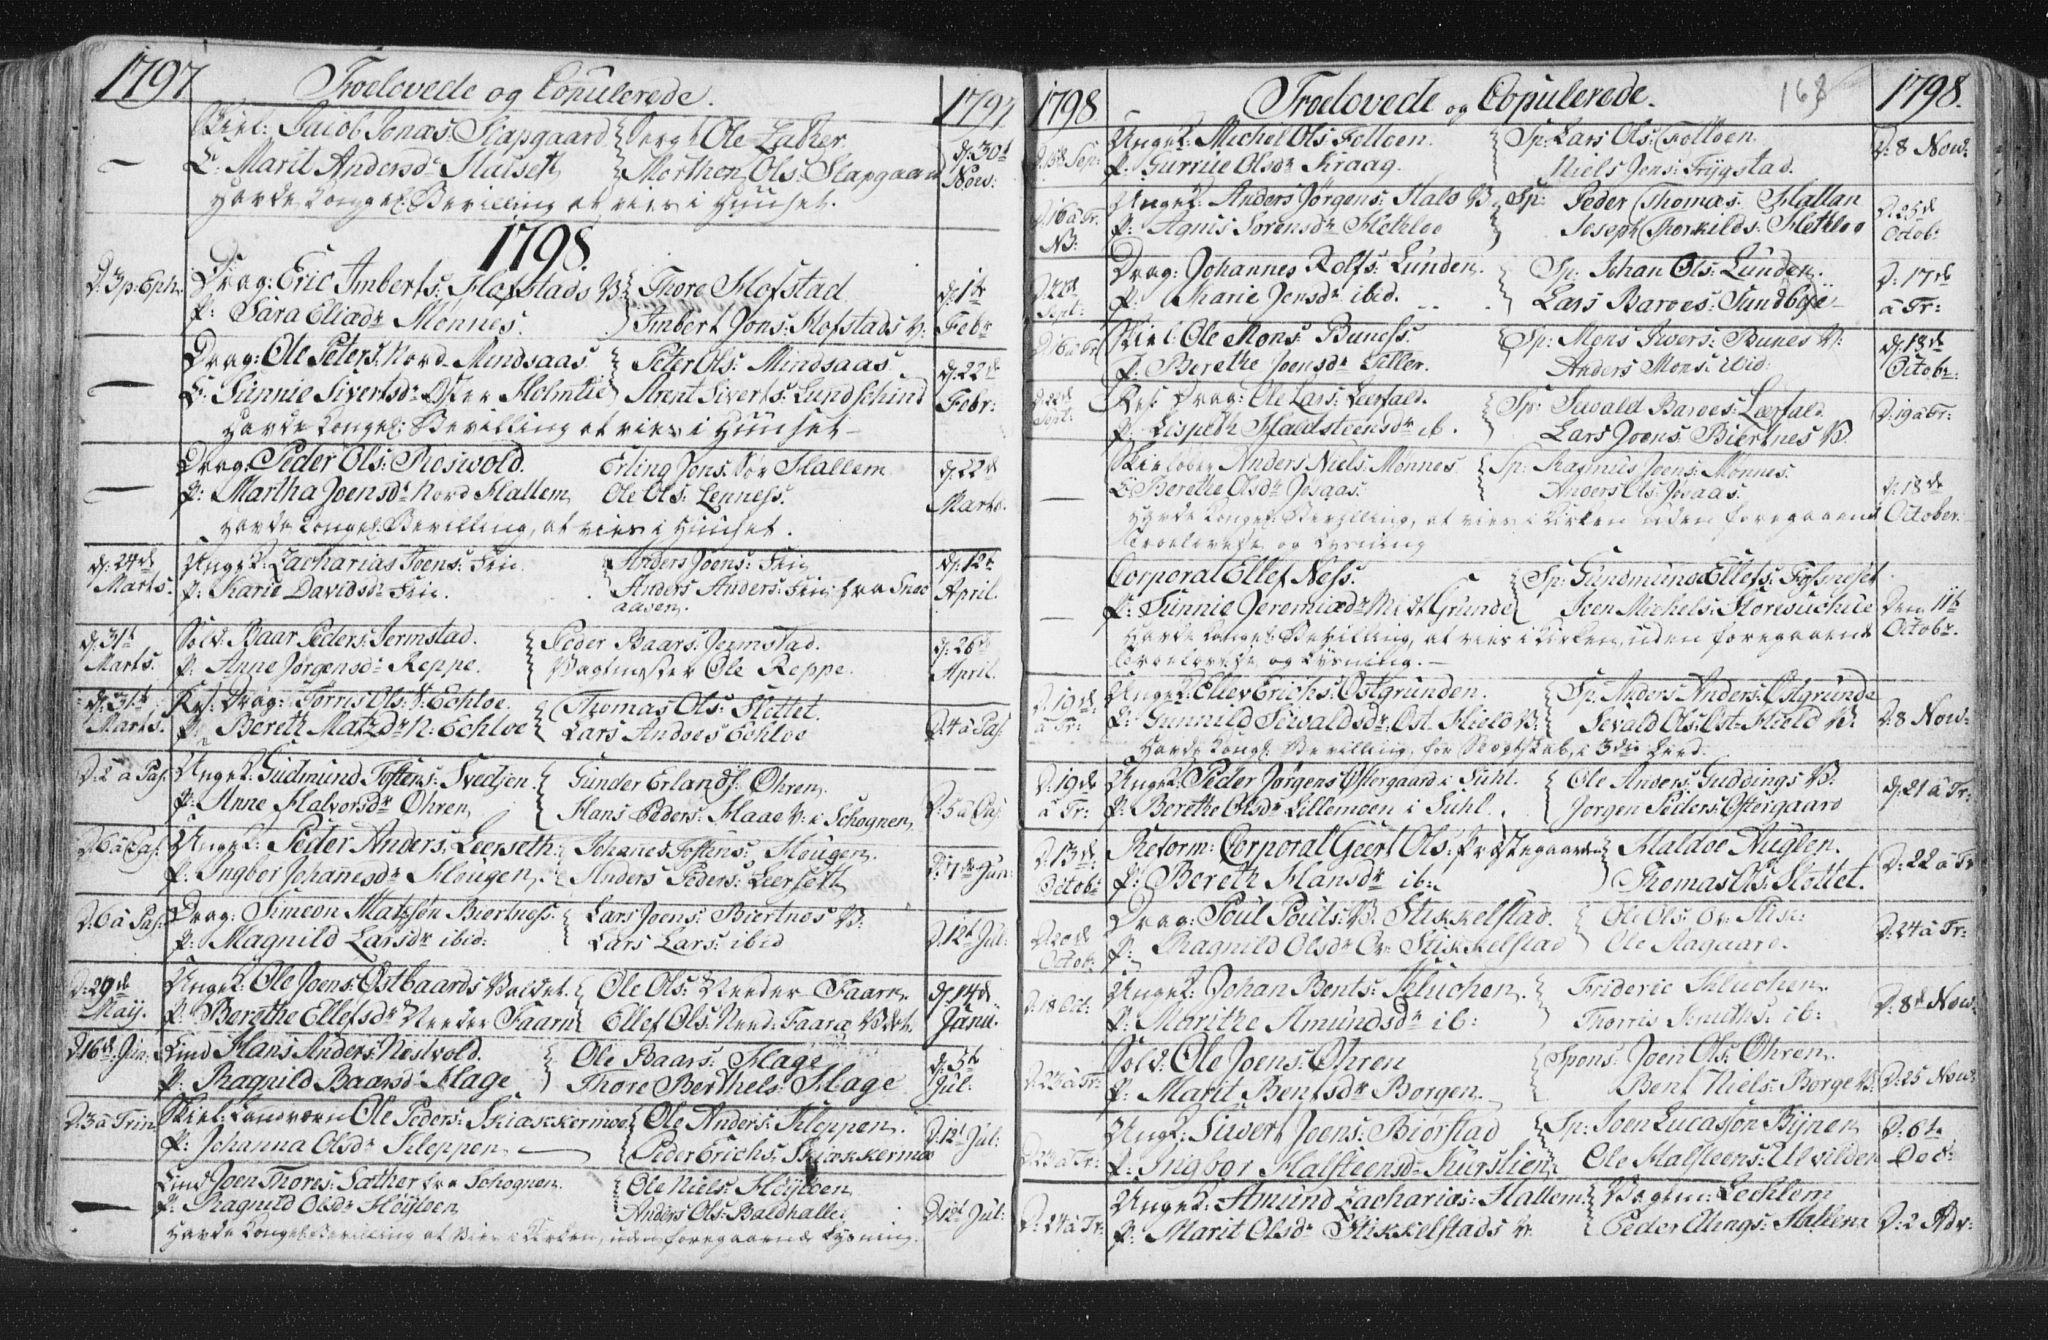 SAT, Ministerialprotokoller, klokkerbøker og fødselsregistre - Nord-Trøndelag, 723/L0232: Ministerialbok nr. 723A03, 1781-1804, s. 168